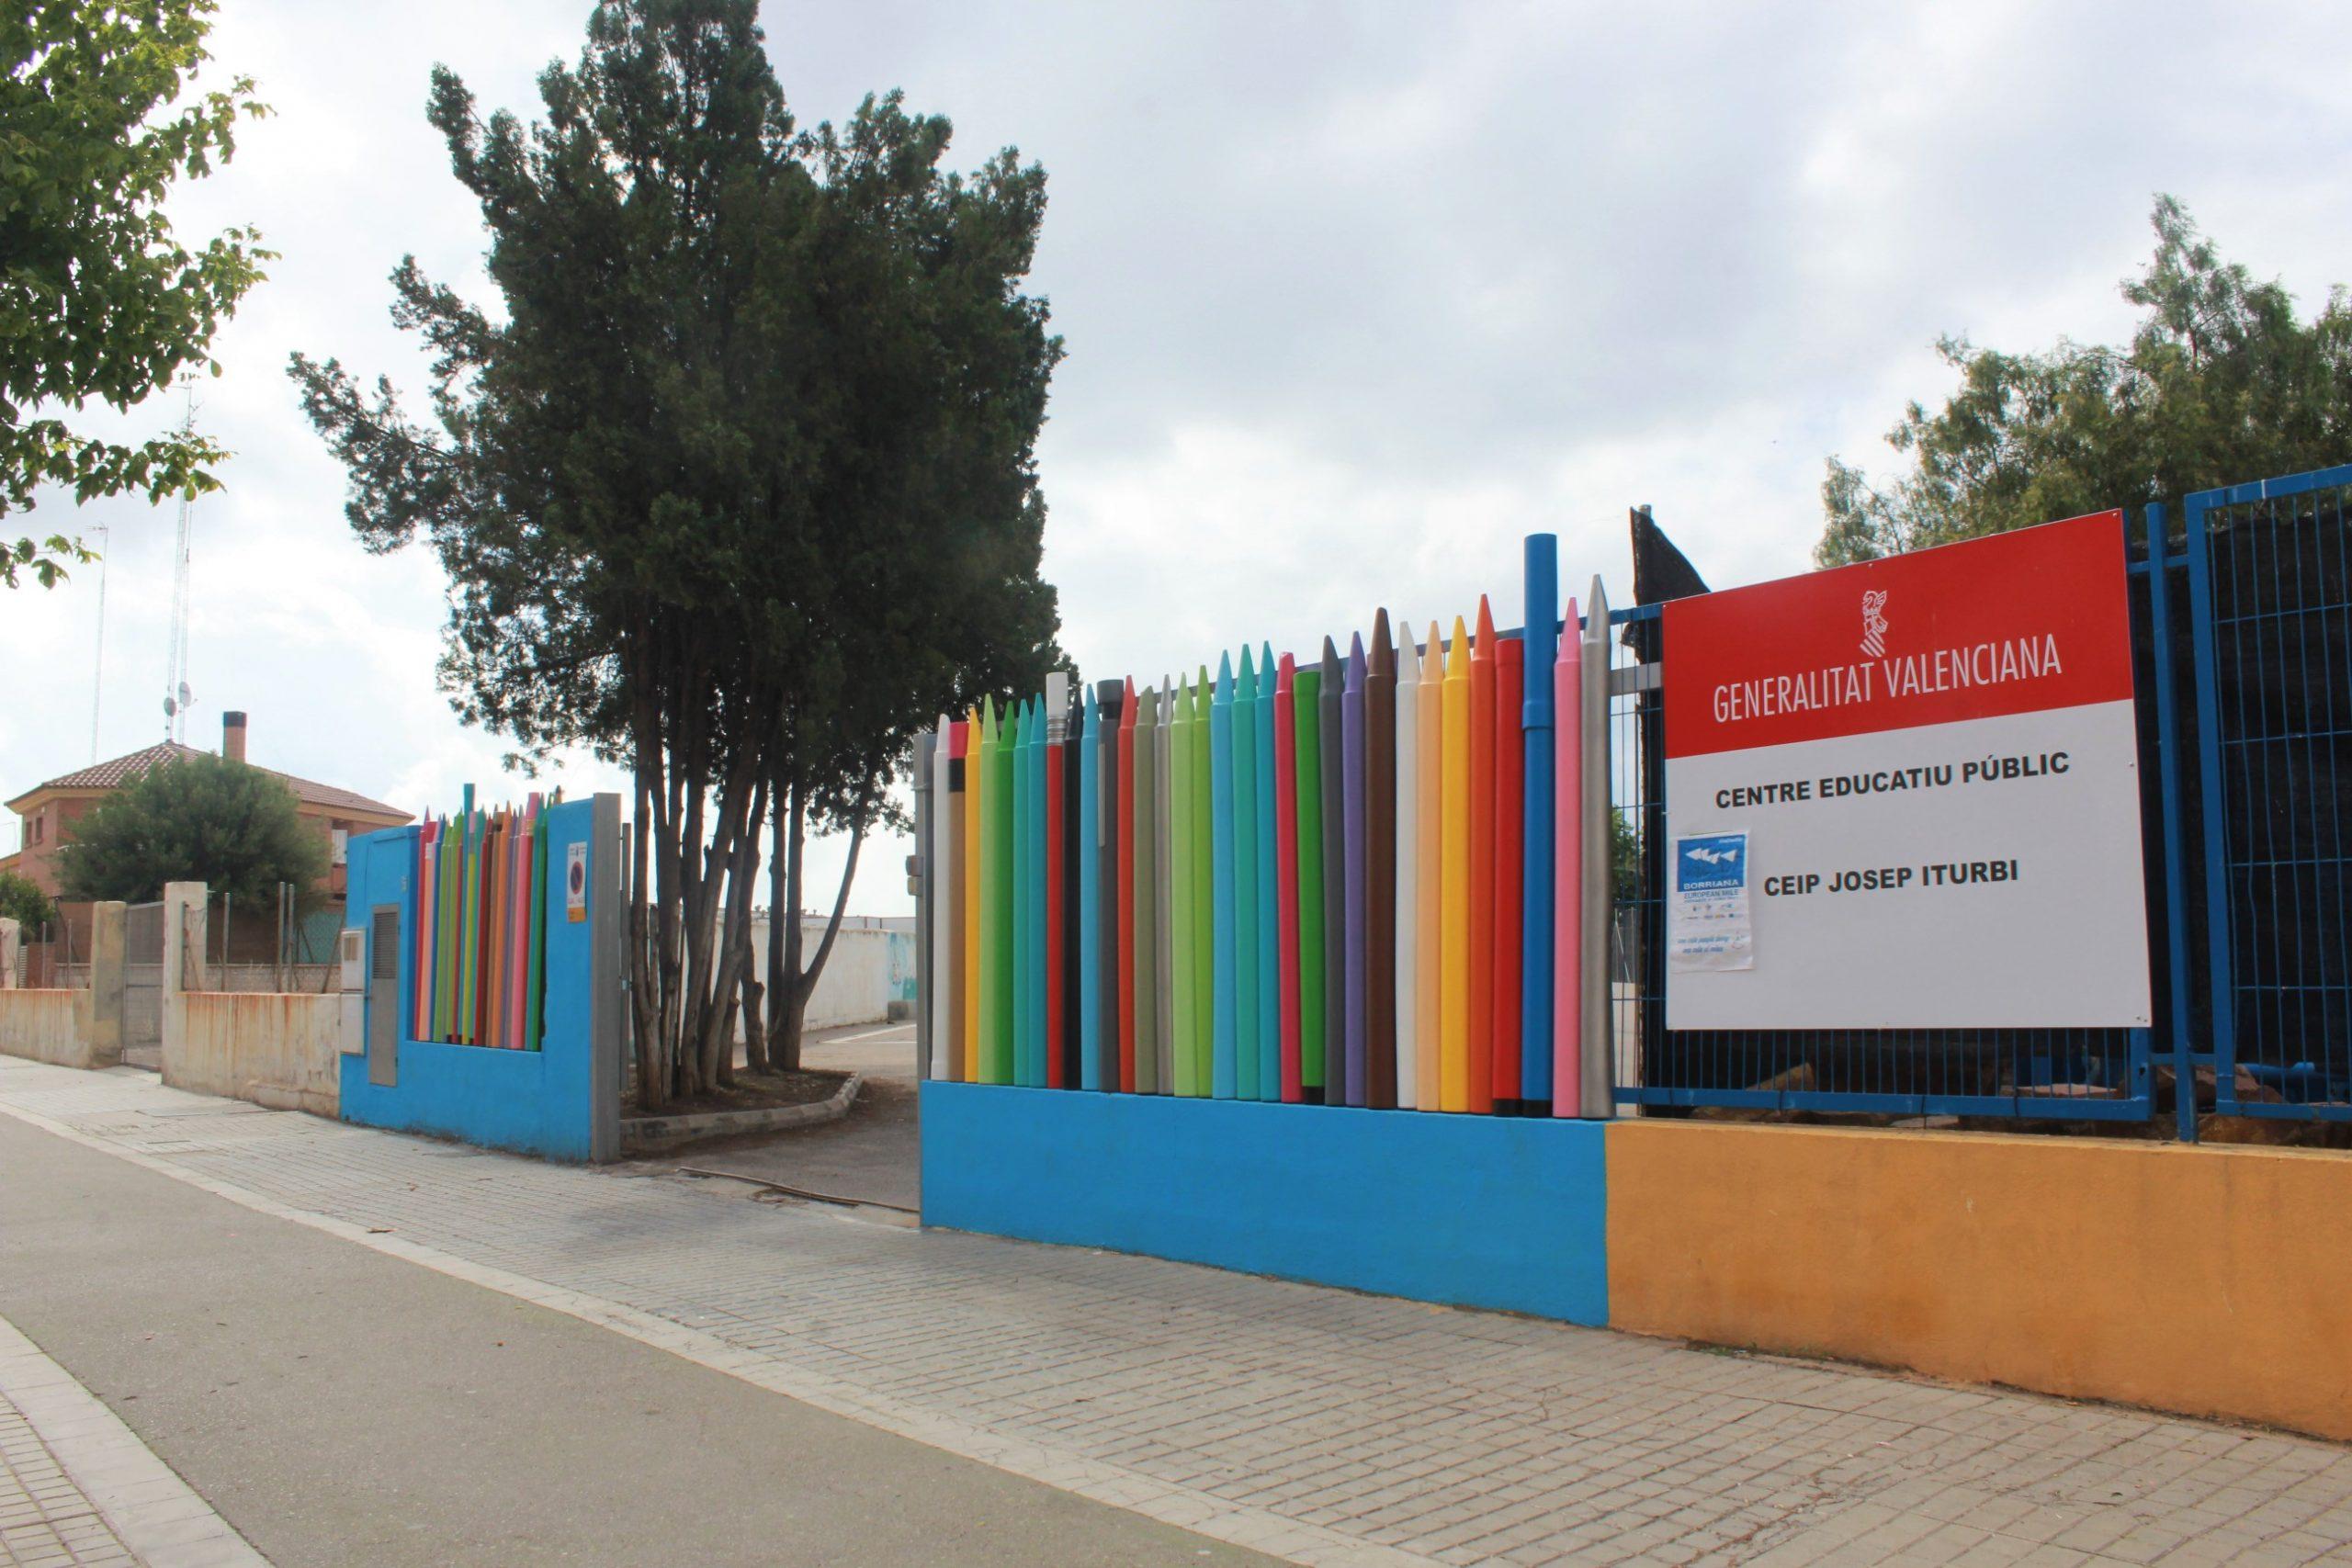 El Ayuntamiento de Burriana prevé urbanizar el vial que dará acceso al CEIP Josep Iturbi con remanentes de tesorería